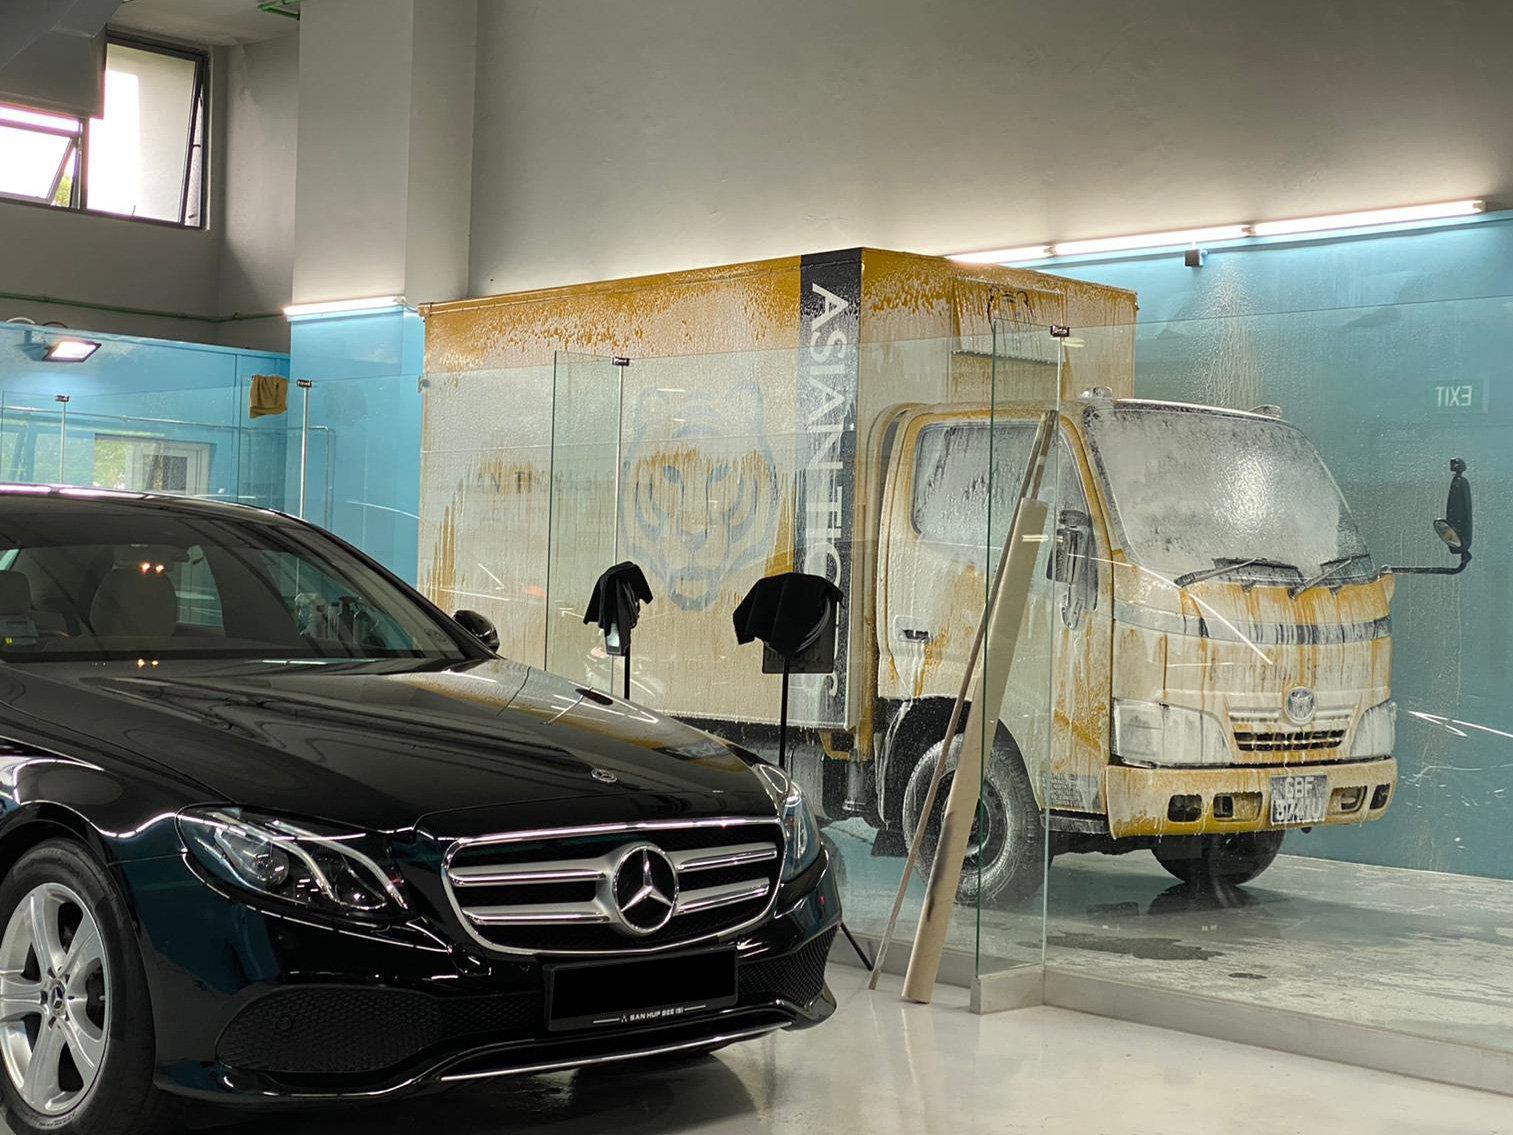 Car Wash & Vacuum